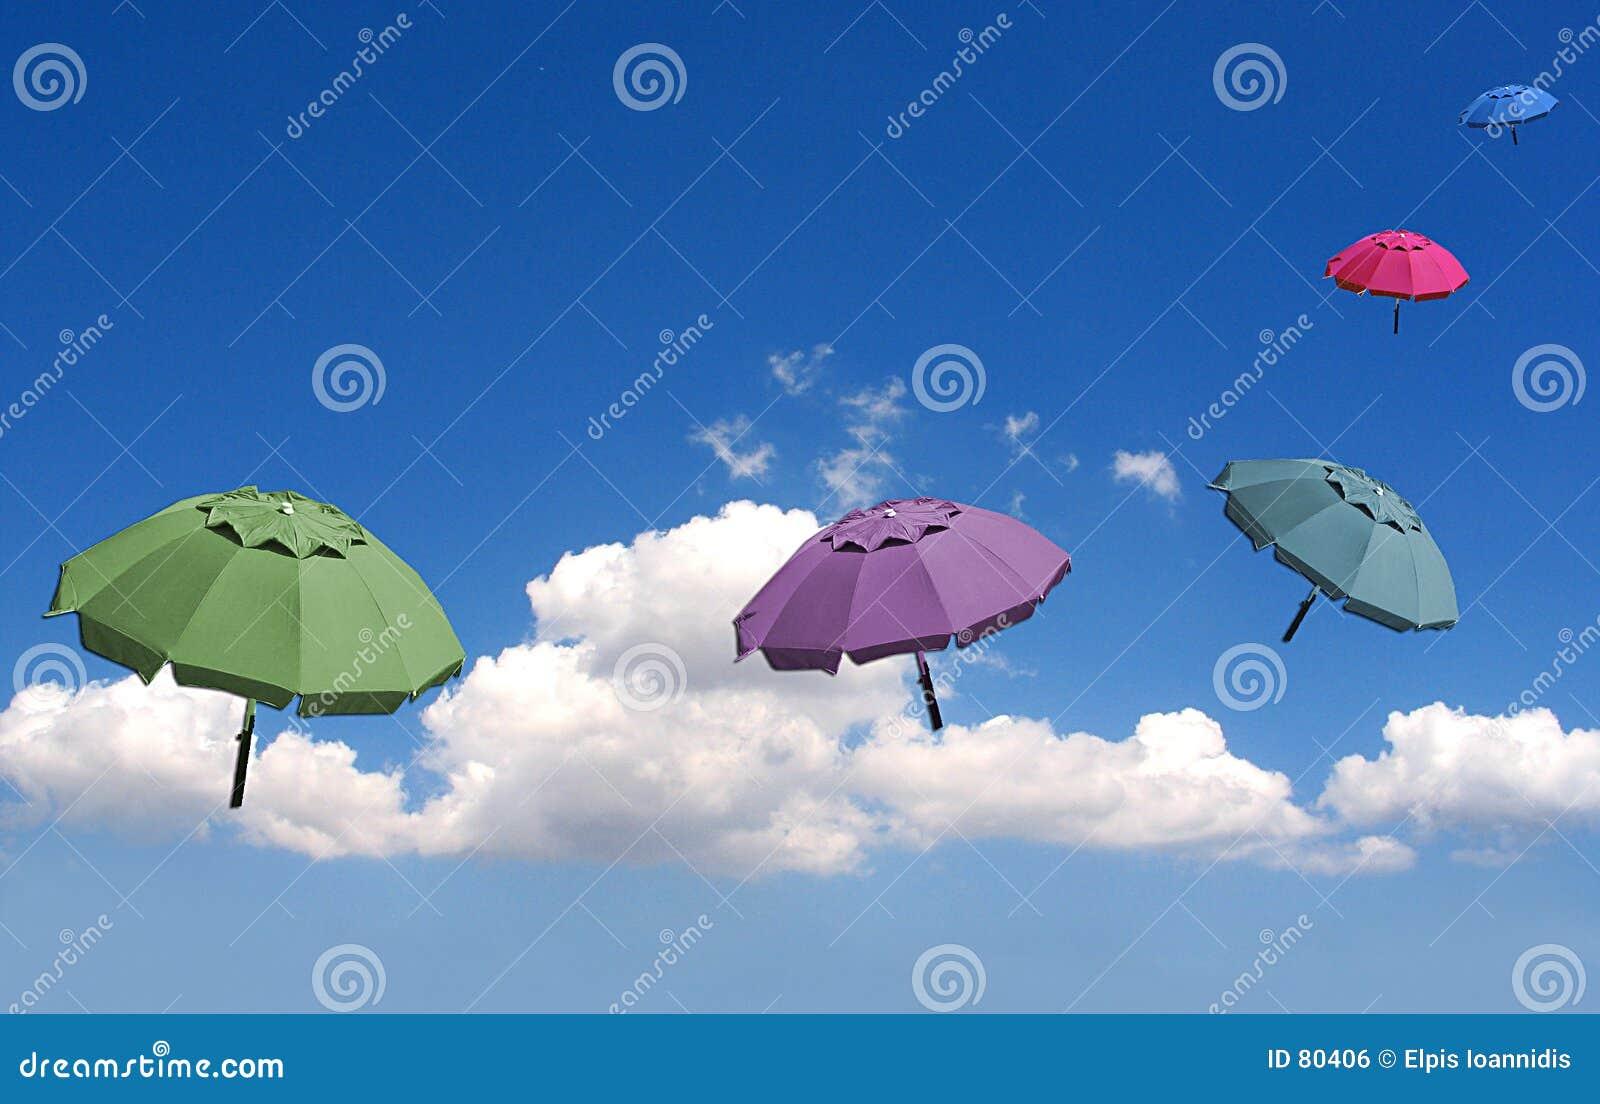 ονειροπόλες ομπρέλες